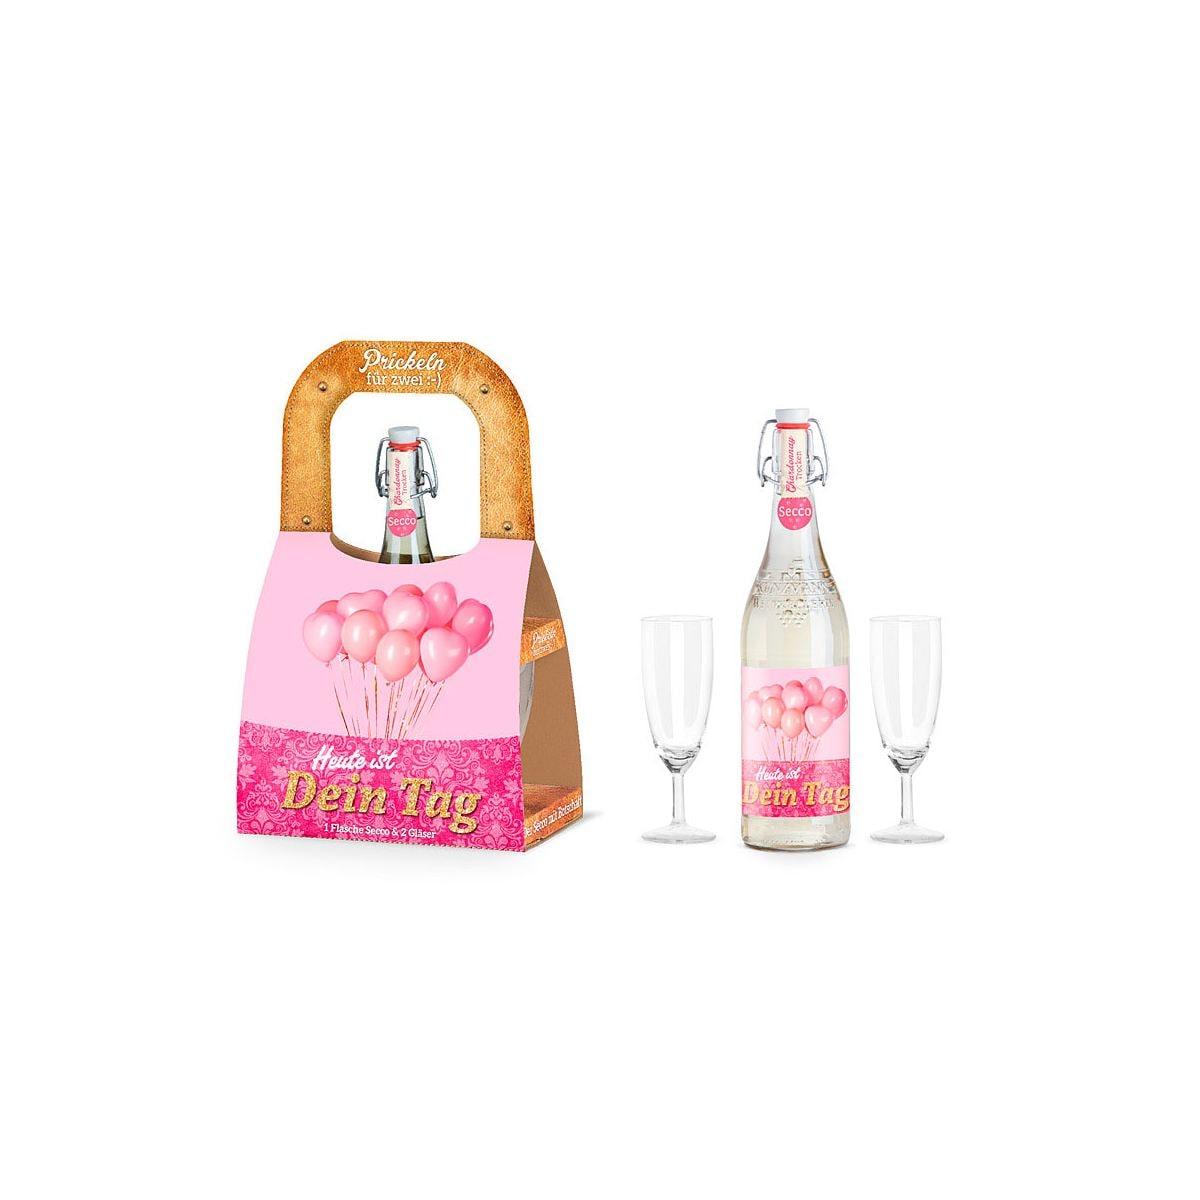 La vida geschenk f r dich set f r zwei flasche secco sekt mit 2 gl sern heute ist dein tag - Polstermobel flasche ...